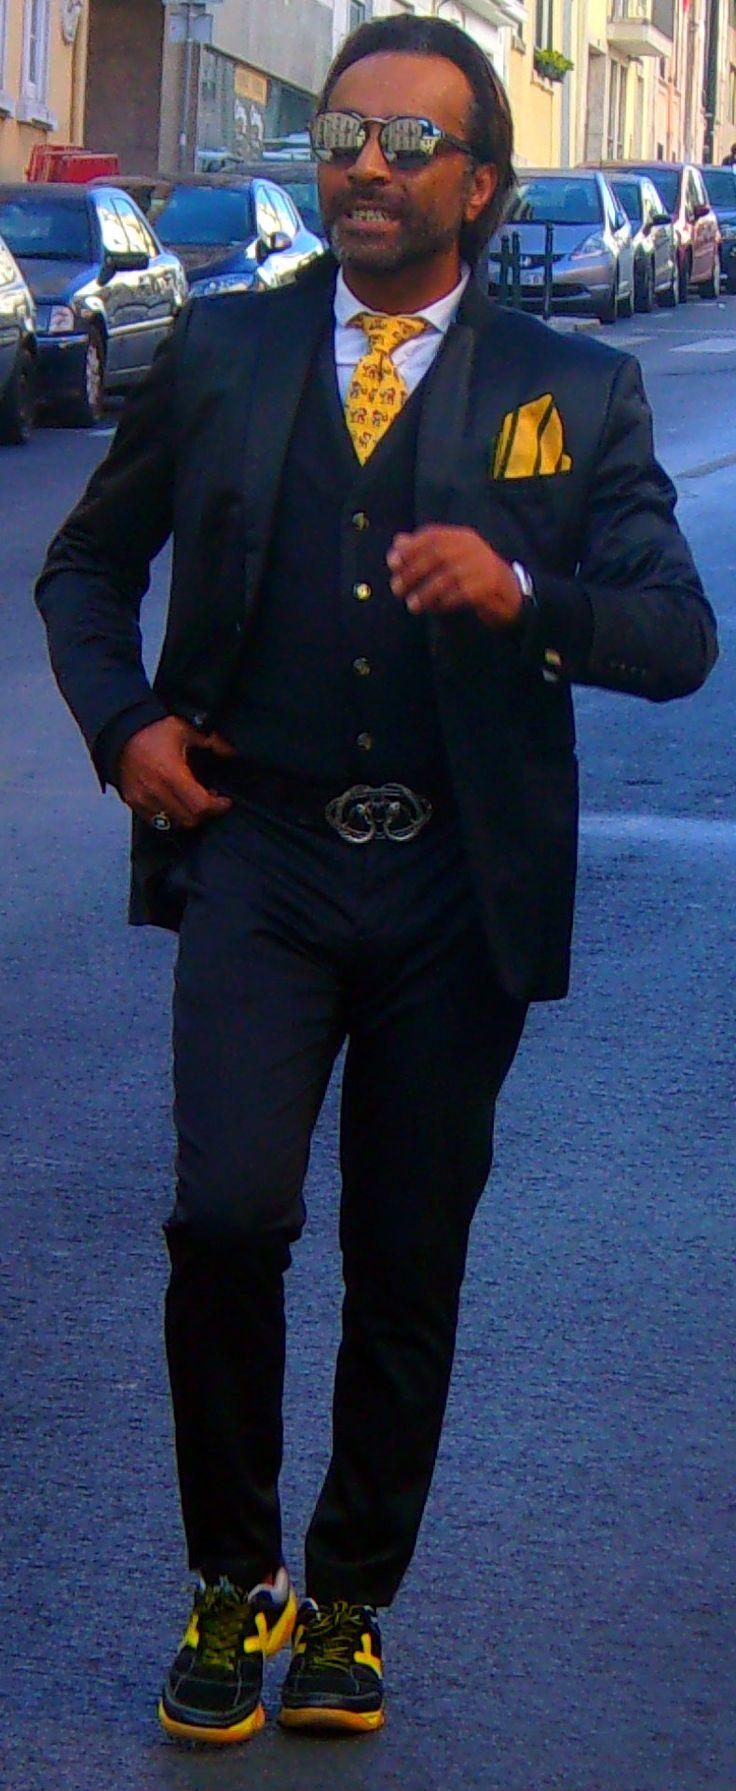 Homens com estilo, Moda para homem, Duarte Menezes, Lisboa, Portugal